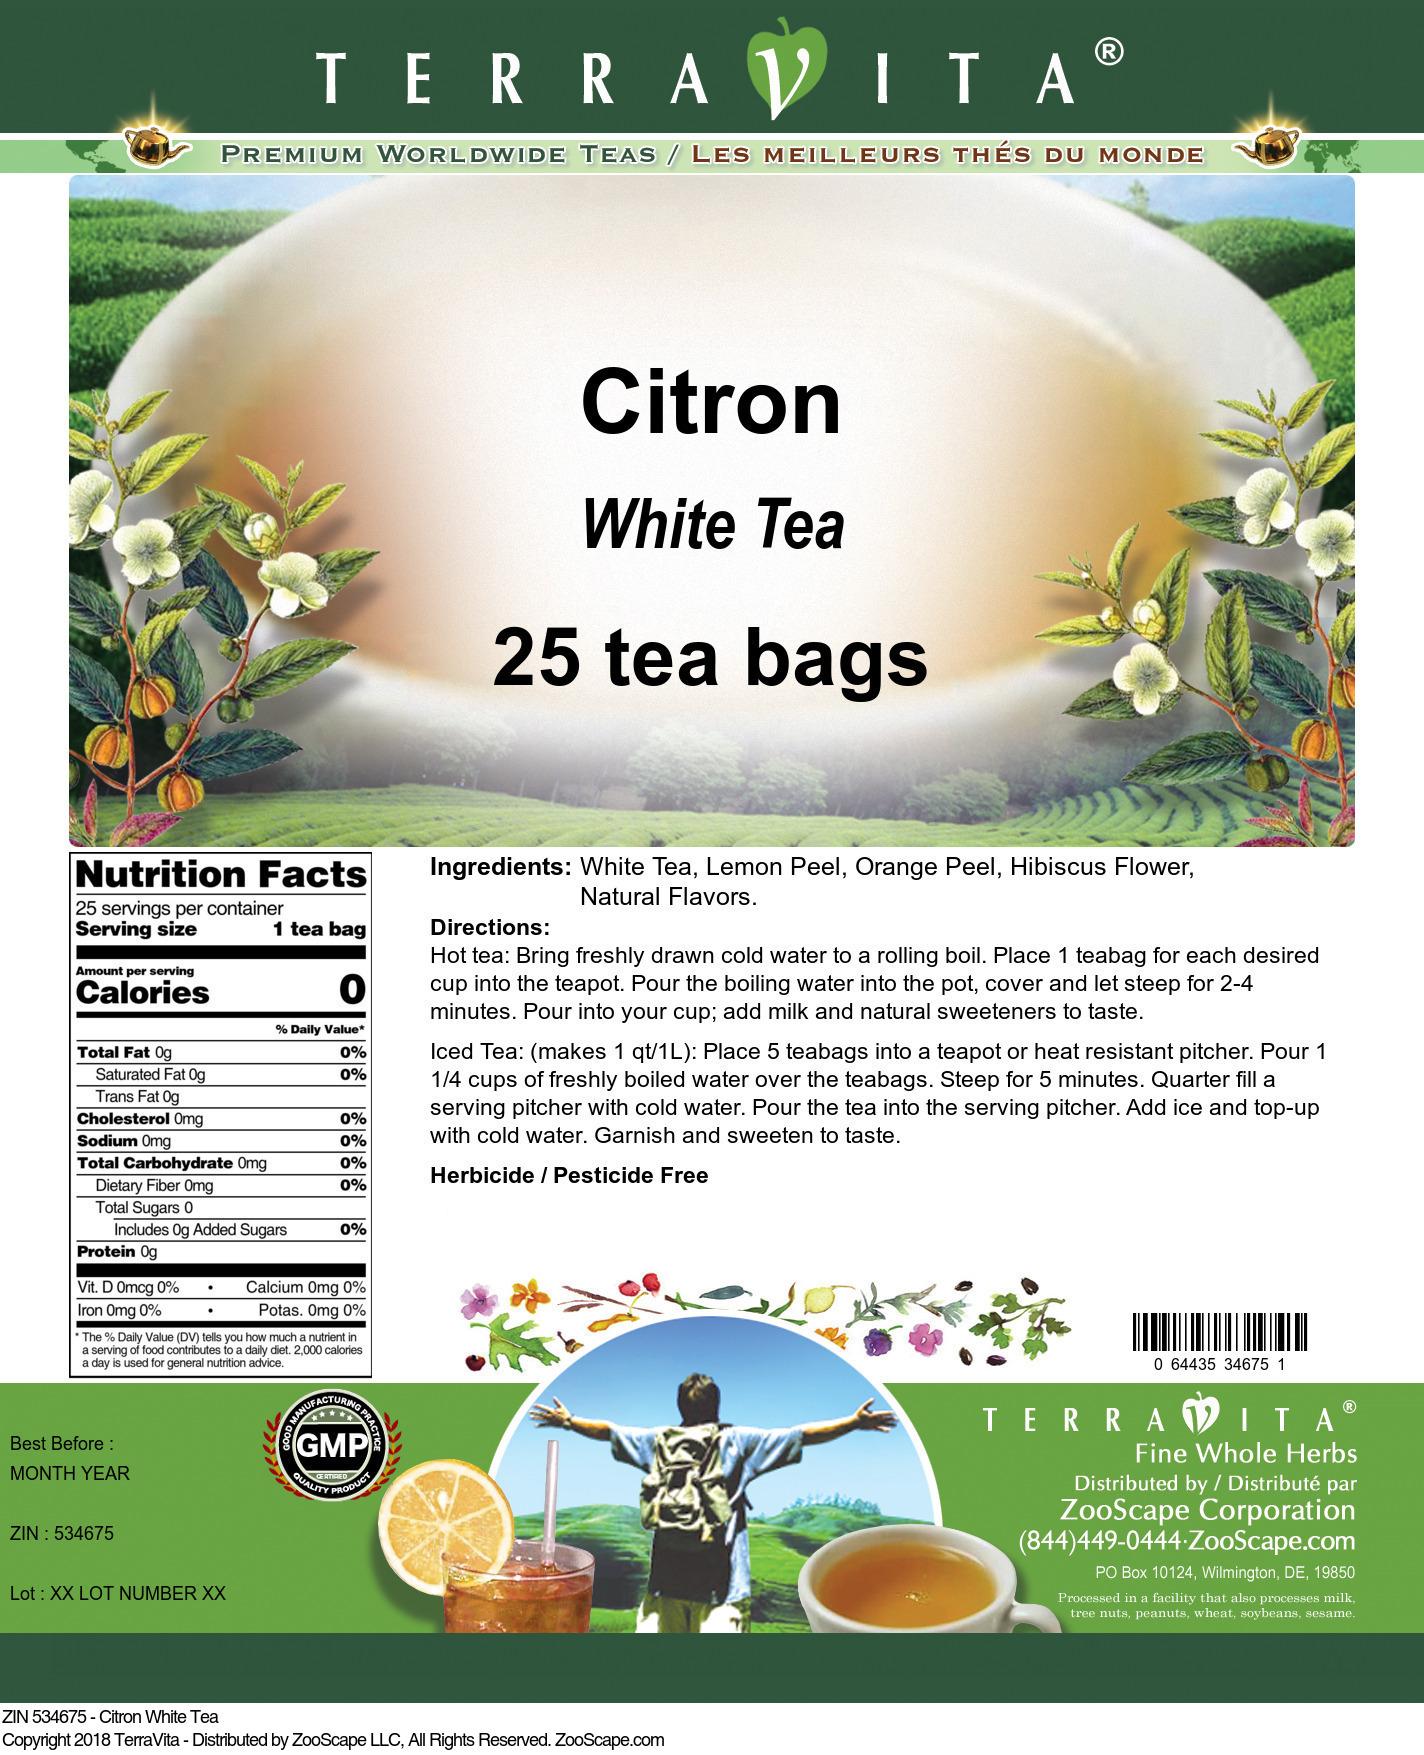 Citron White Tea